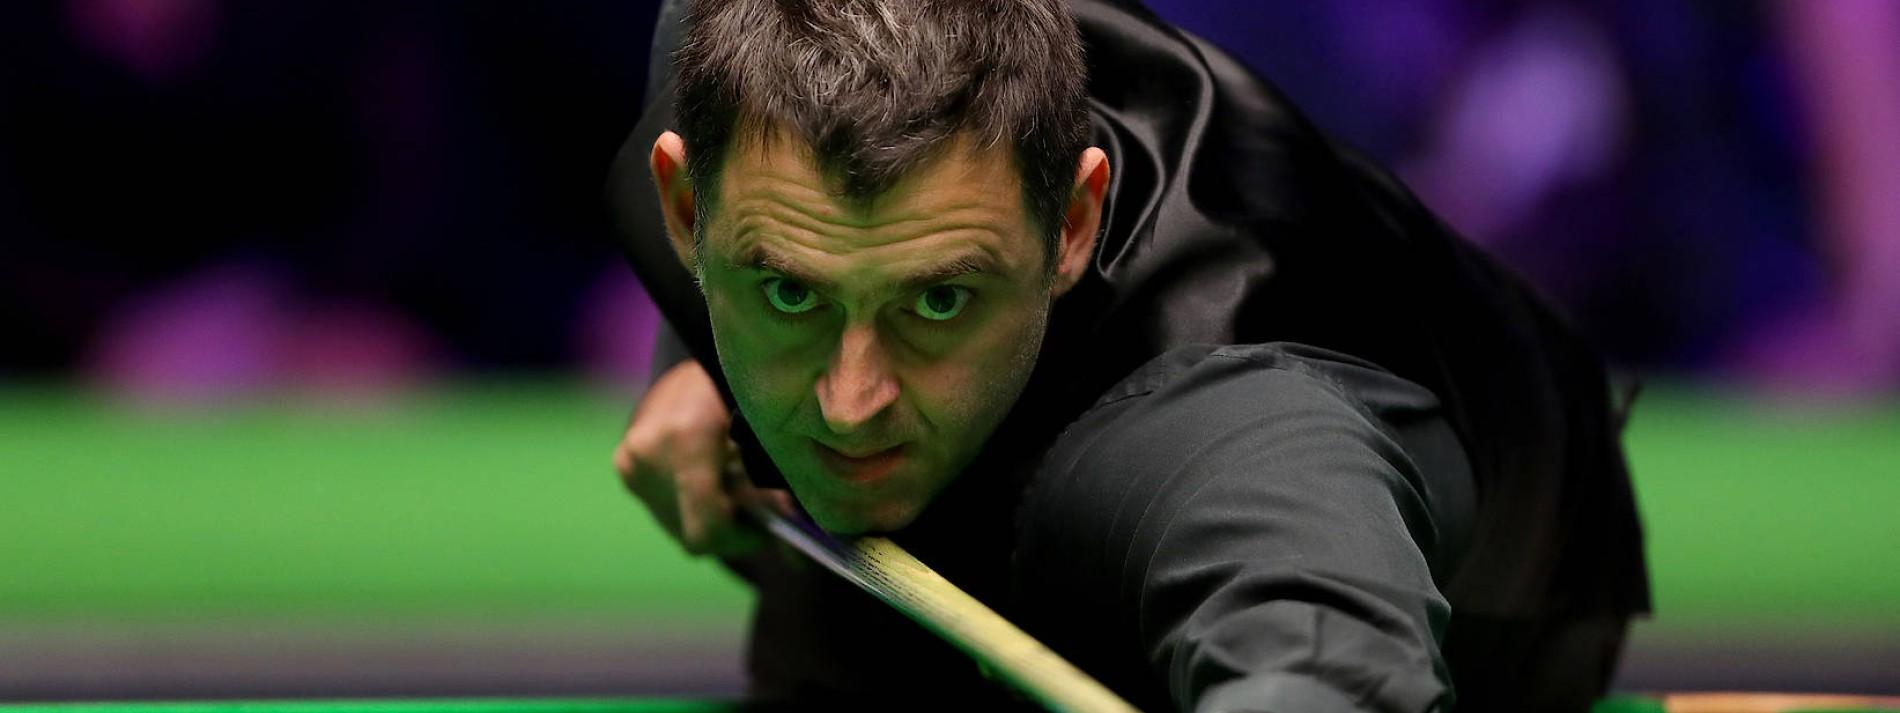 Die Rakete des Snooker